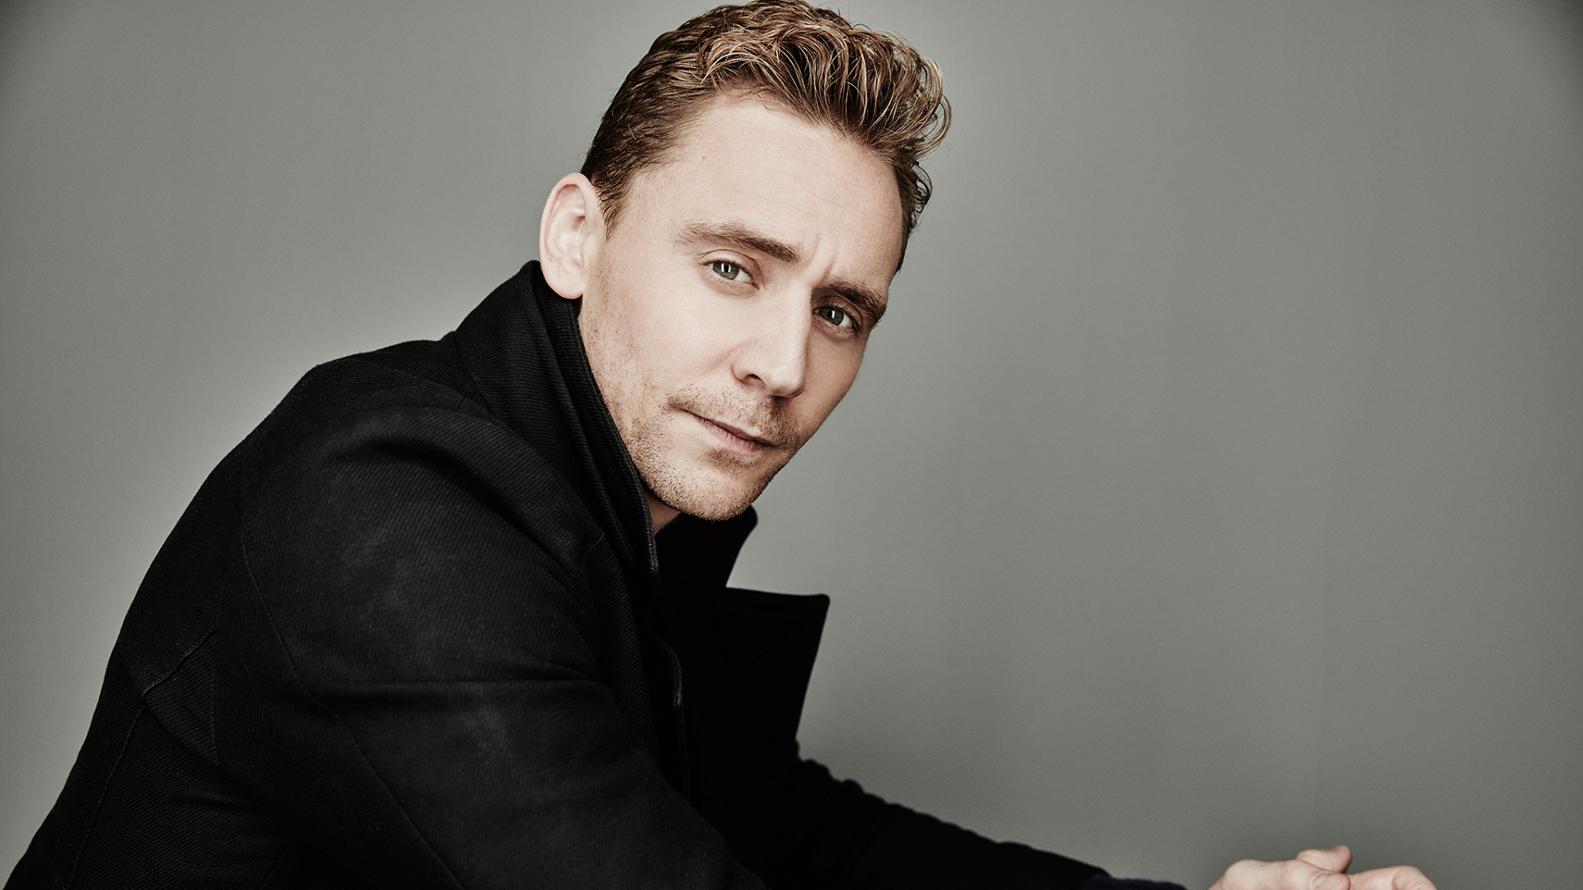 Tom Hiddleston fue noticia el año pasado por su corto y mediático romance con Taylor Swift